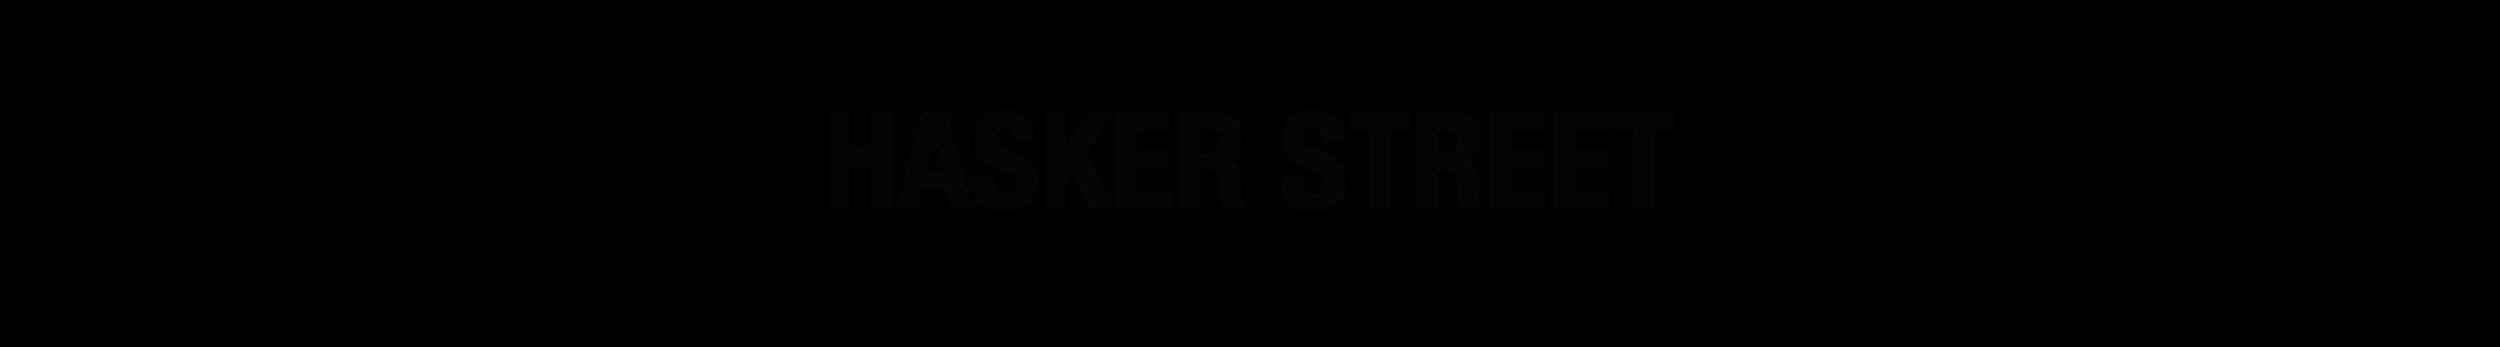 Portfolio Title_HASKER STREET.png